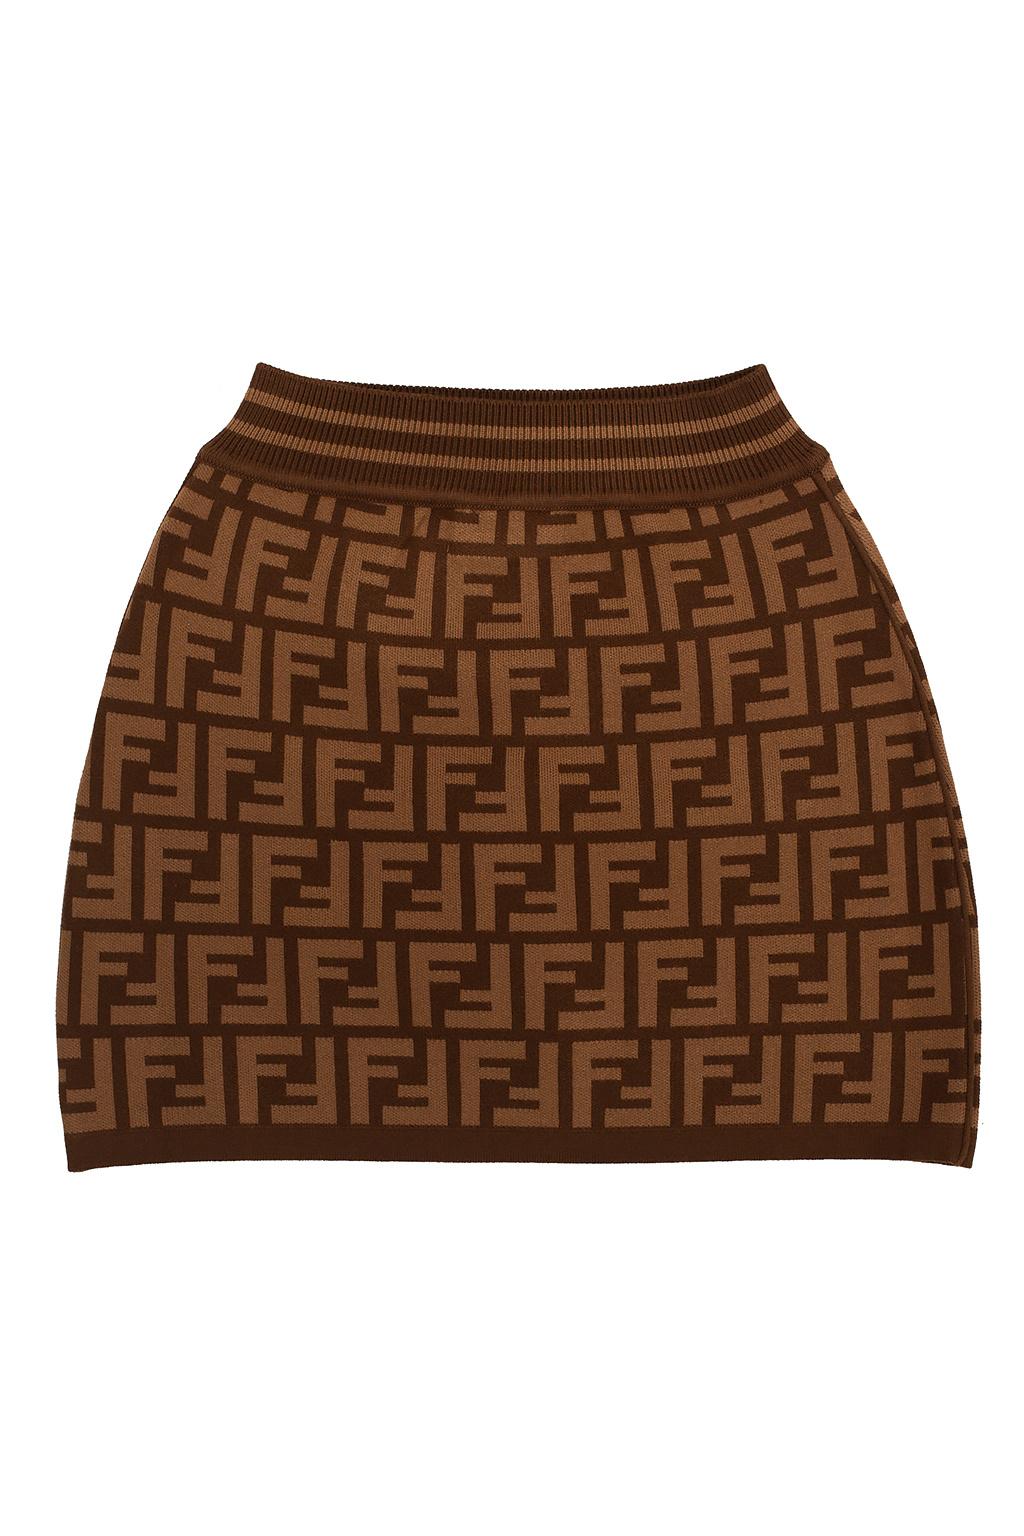 Fendi Kids Skirt with logo